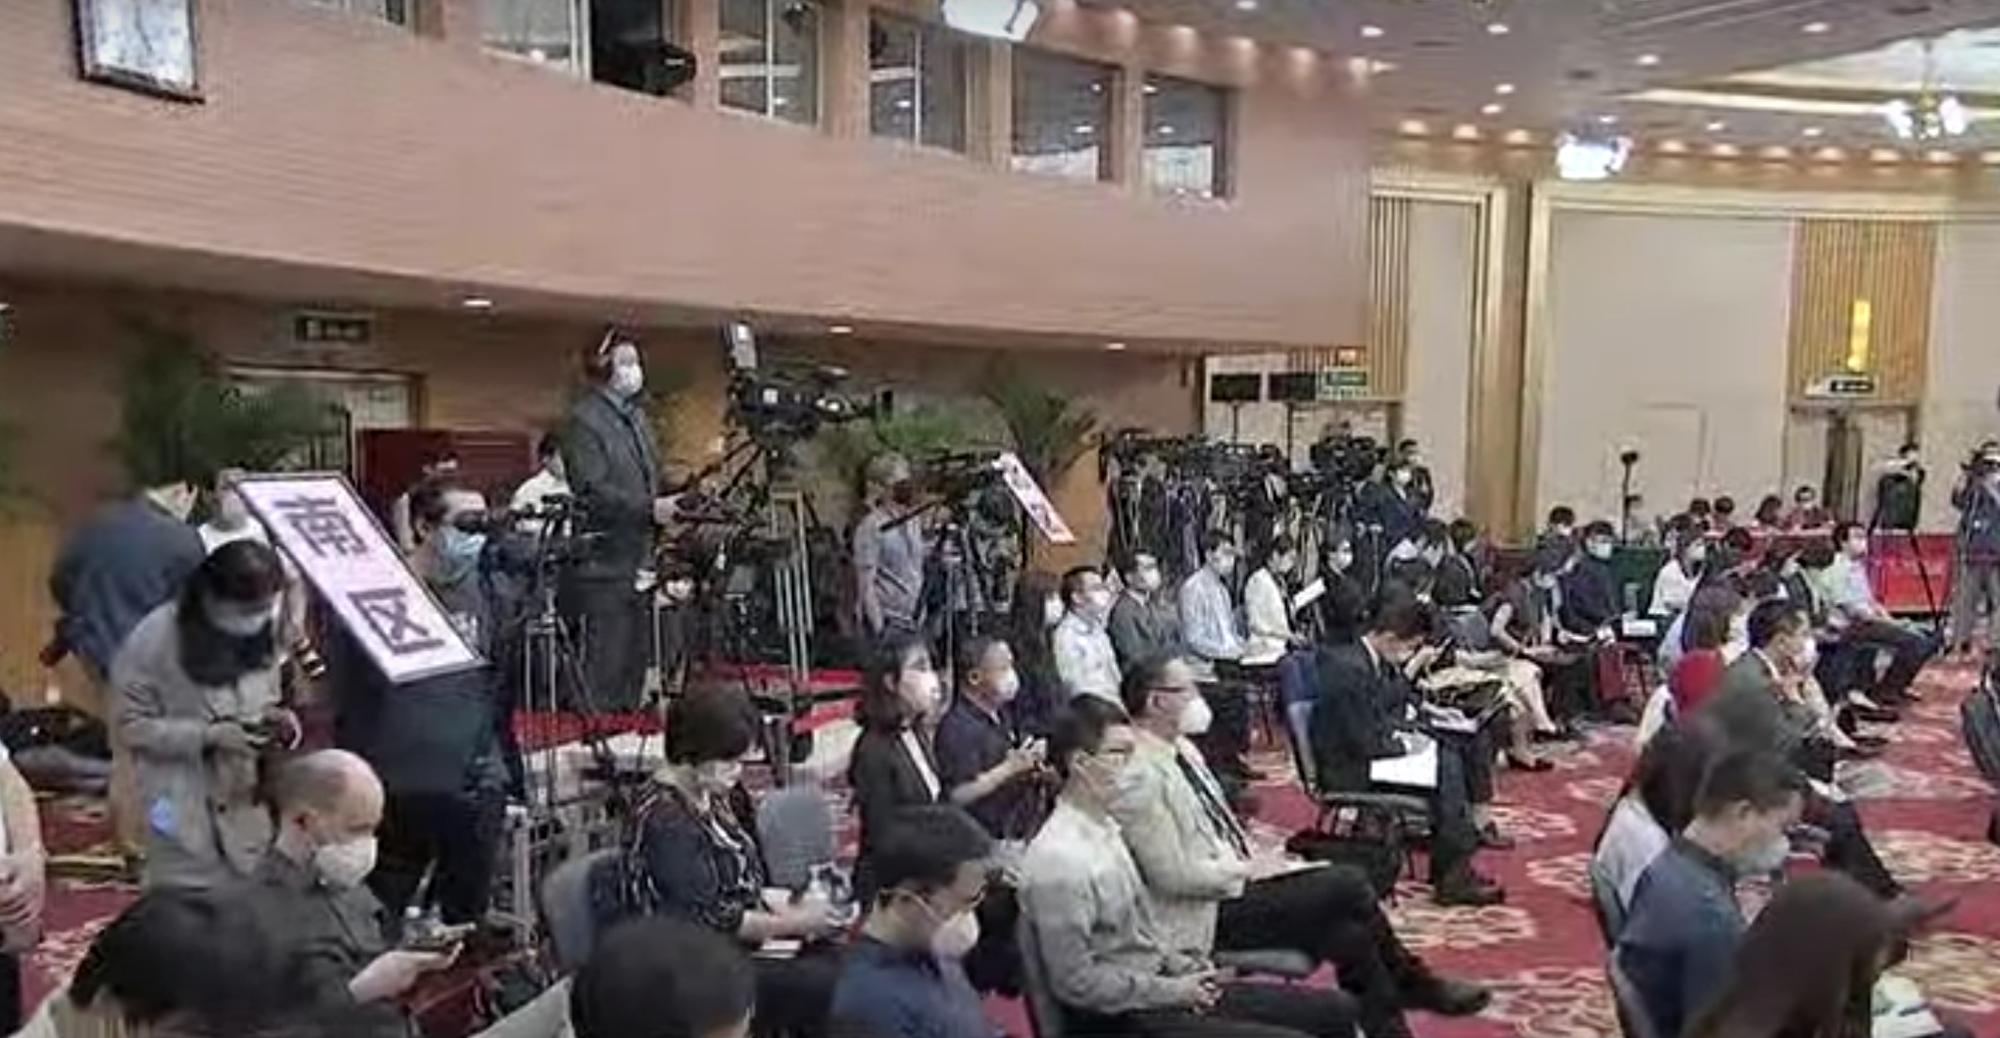 兩會結束,李克強舉行記者會,因為疫情的緣故,記者會以影片連線的方式舉行。(影片截圖)